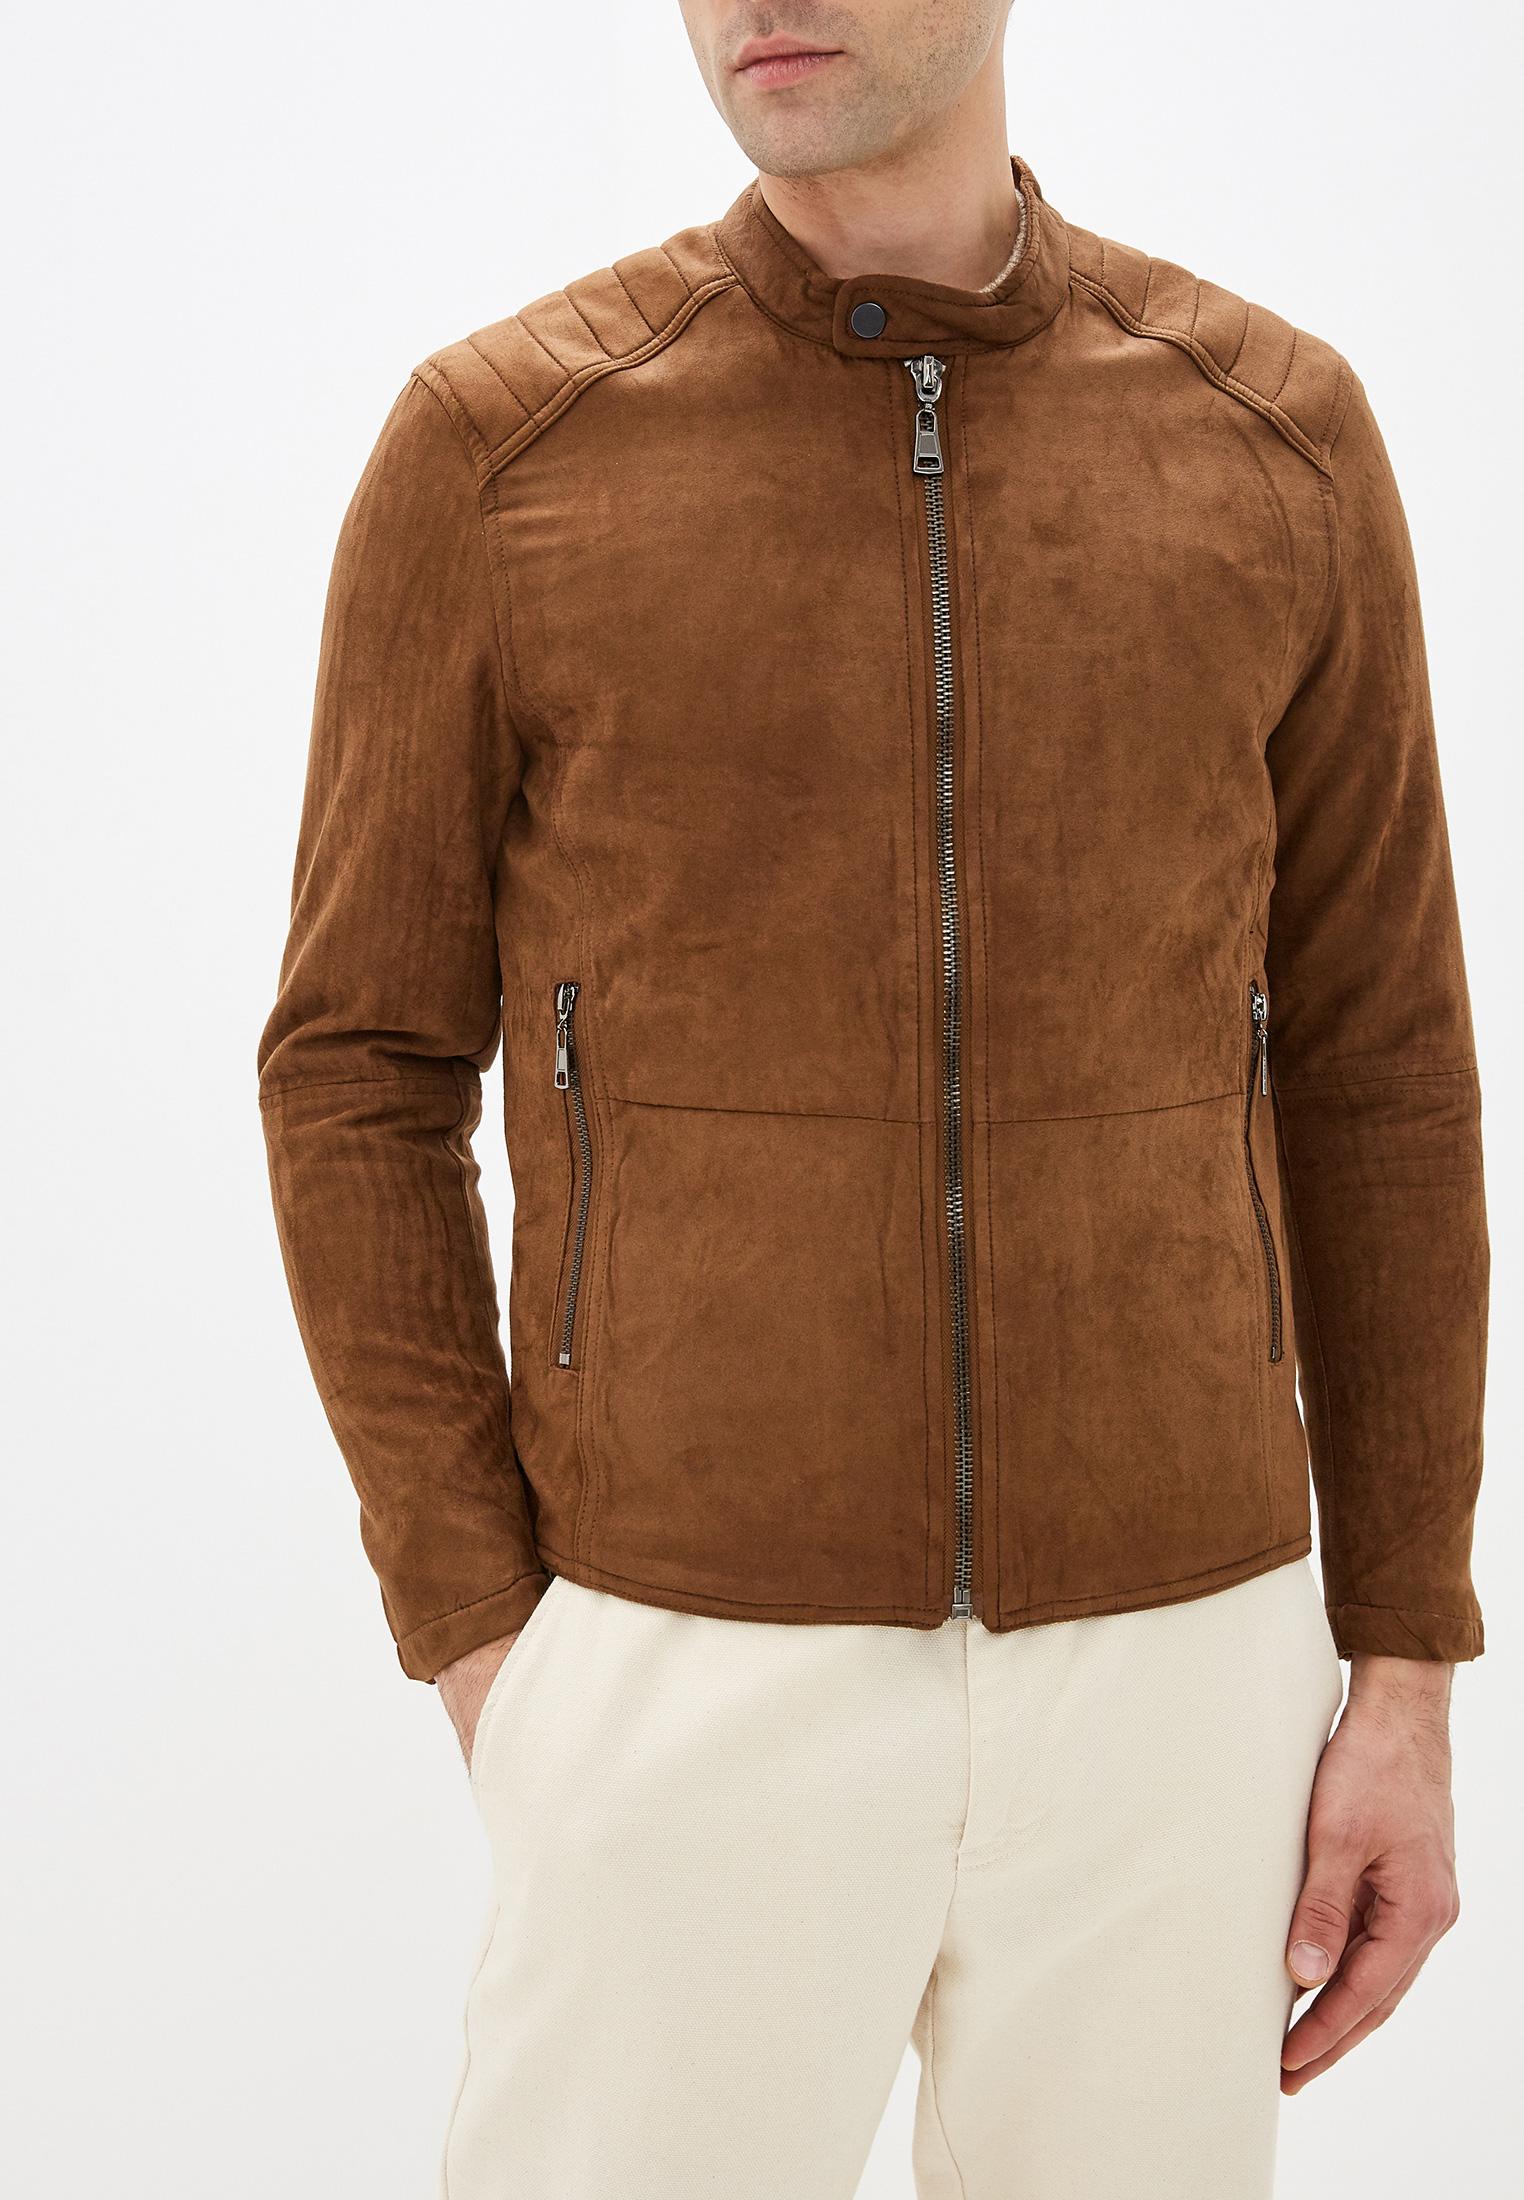 Куртка кожаная, Tony Backer, цвет: коричневый. Артикул: TO043EMHDSC6. Одежда / Верхняя одежда / Кожаные куртки